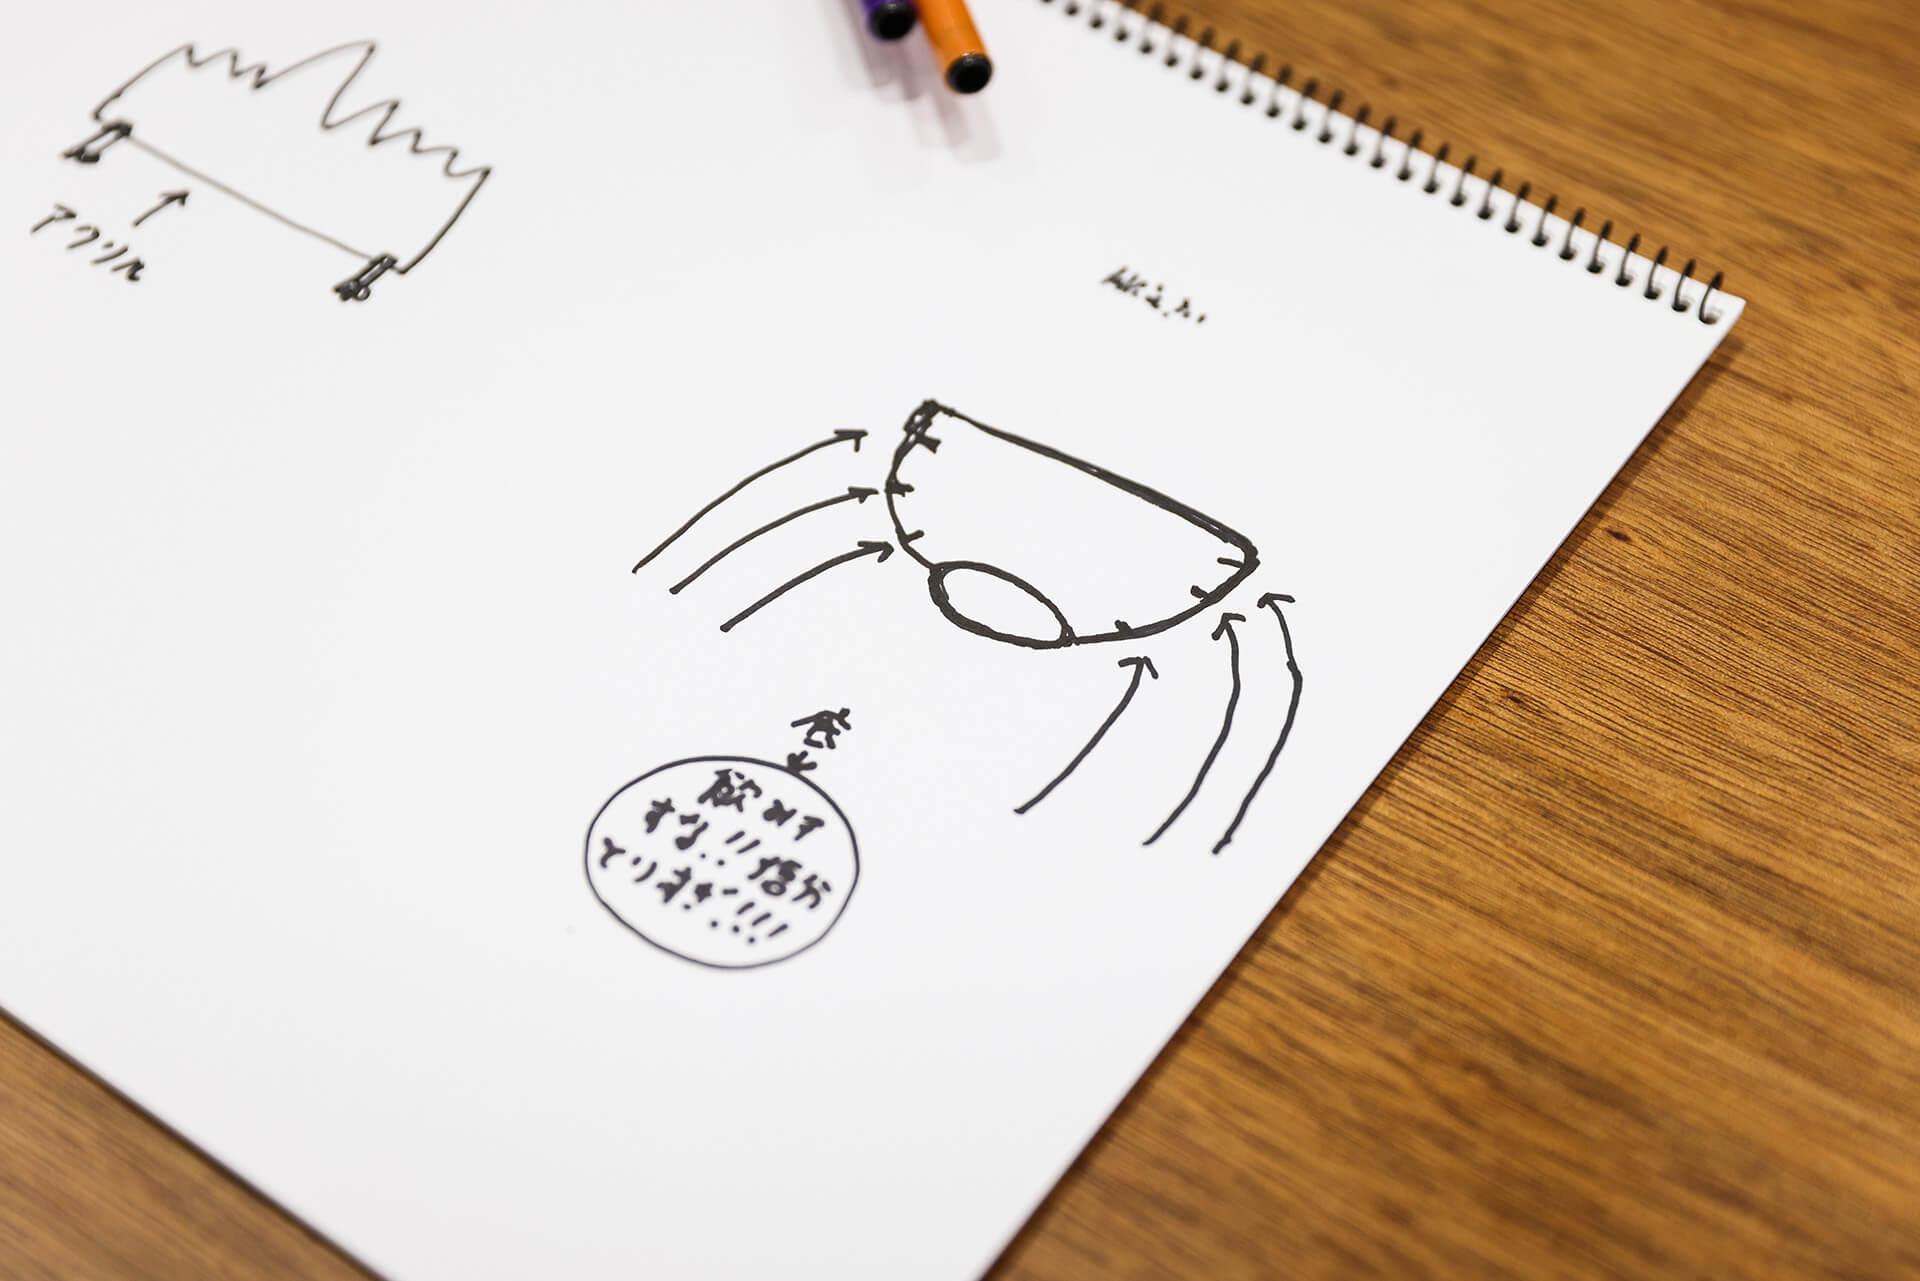 アーティスト・ぼく脳が仕掛ける『EkiLabものづくりAWARD2021』側方支援企画「既成概念という箱を壊せ!」 interview-ekilab-bokunou-7